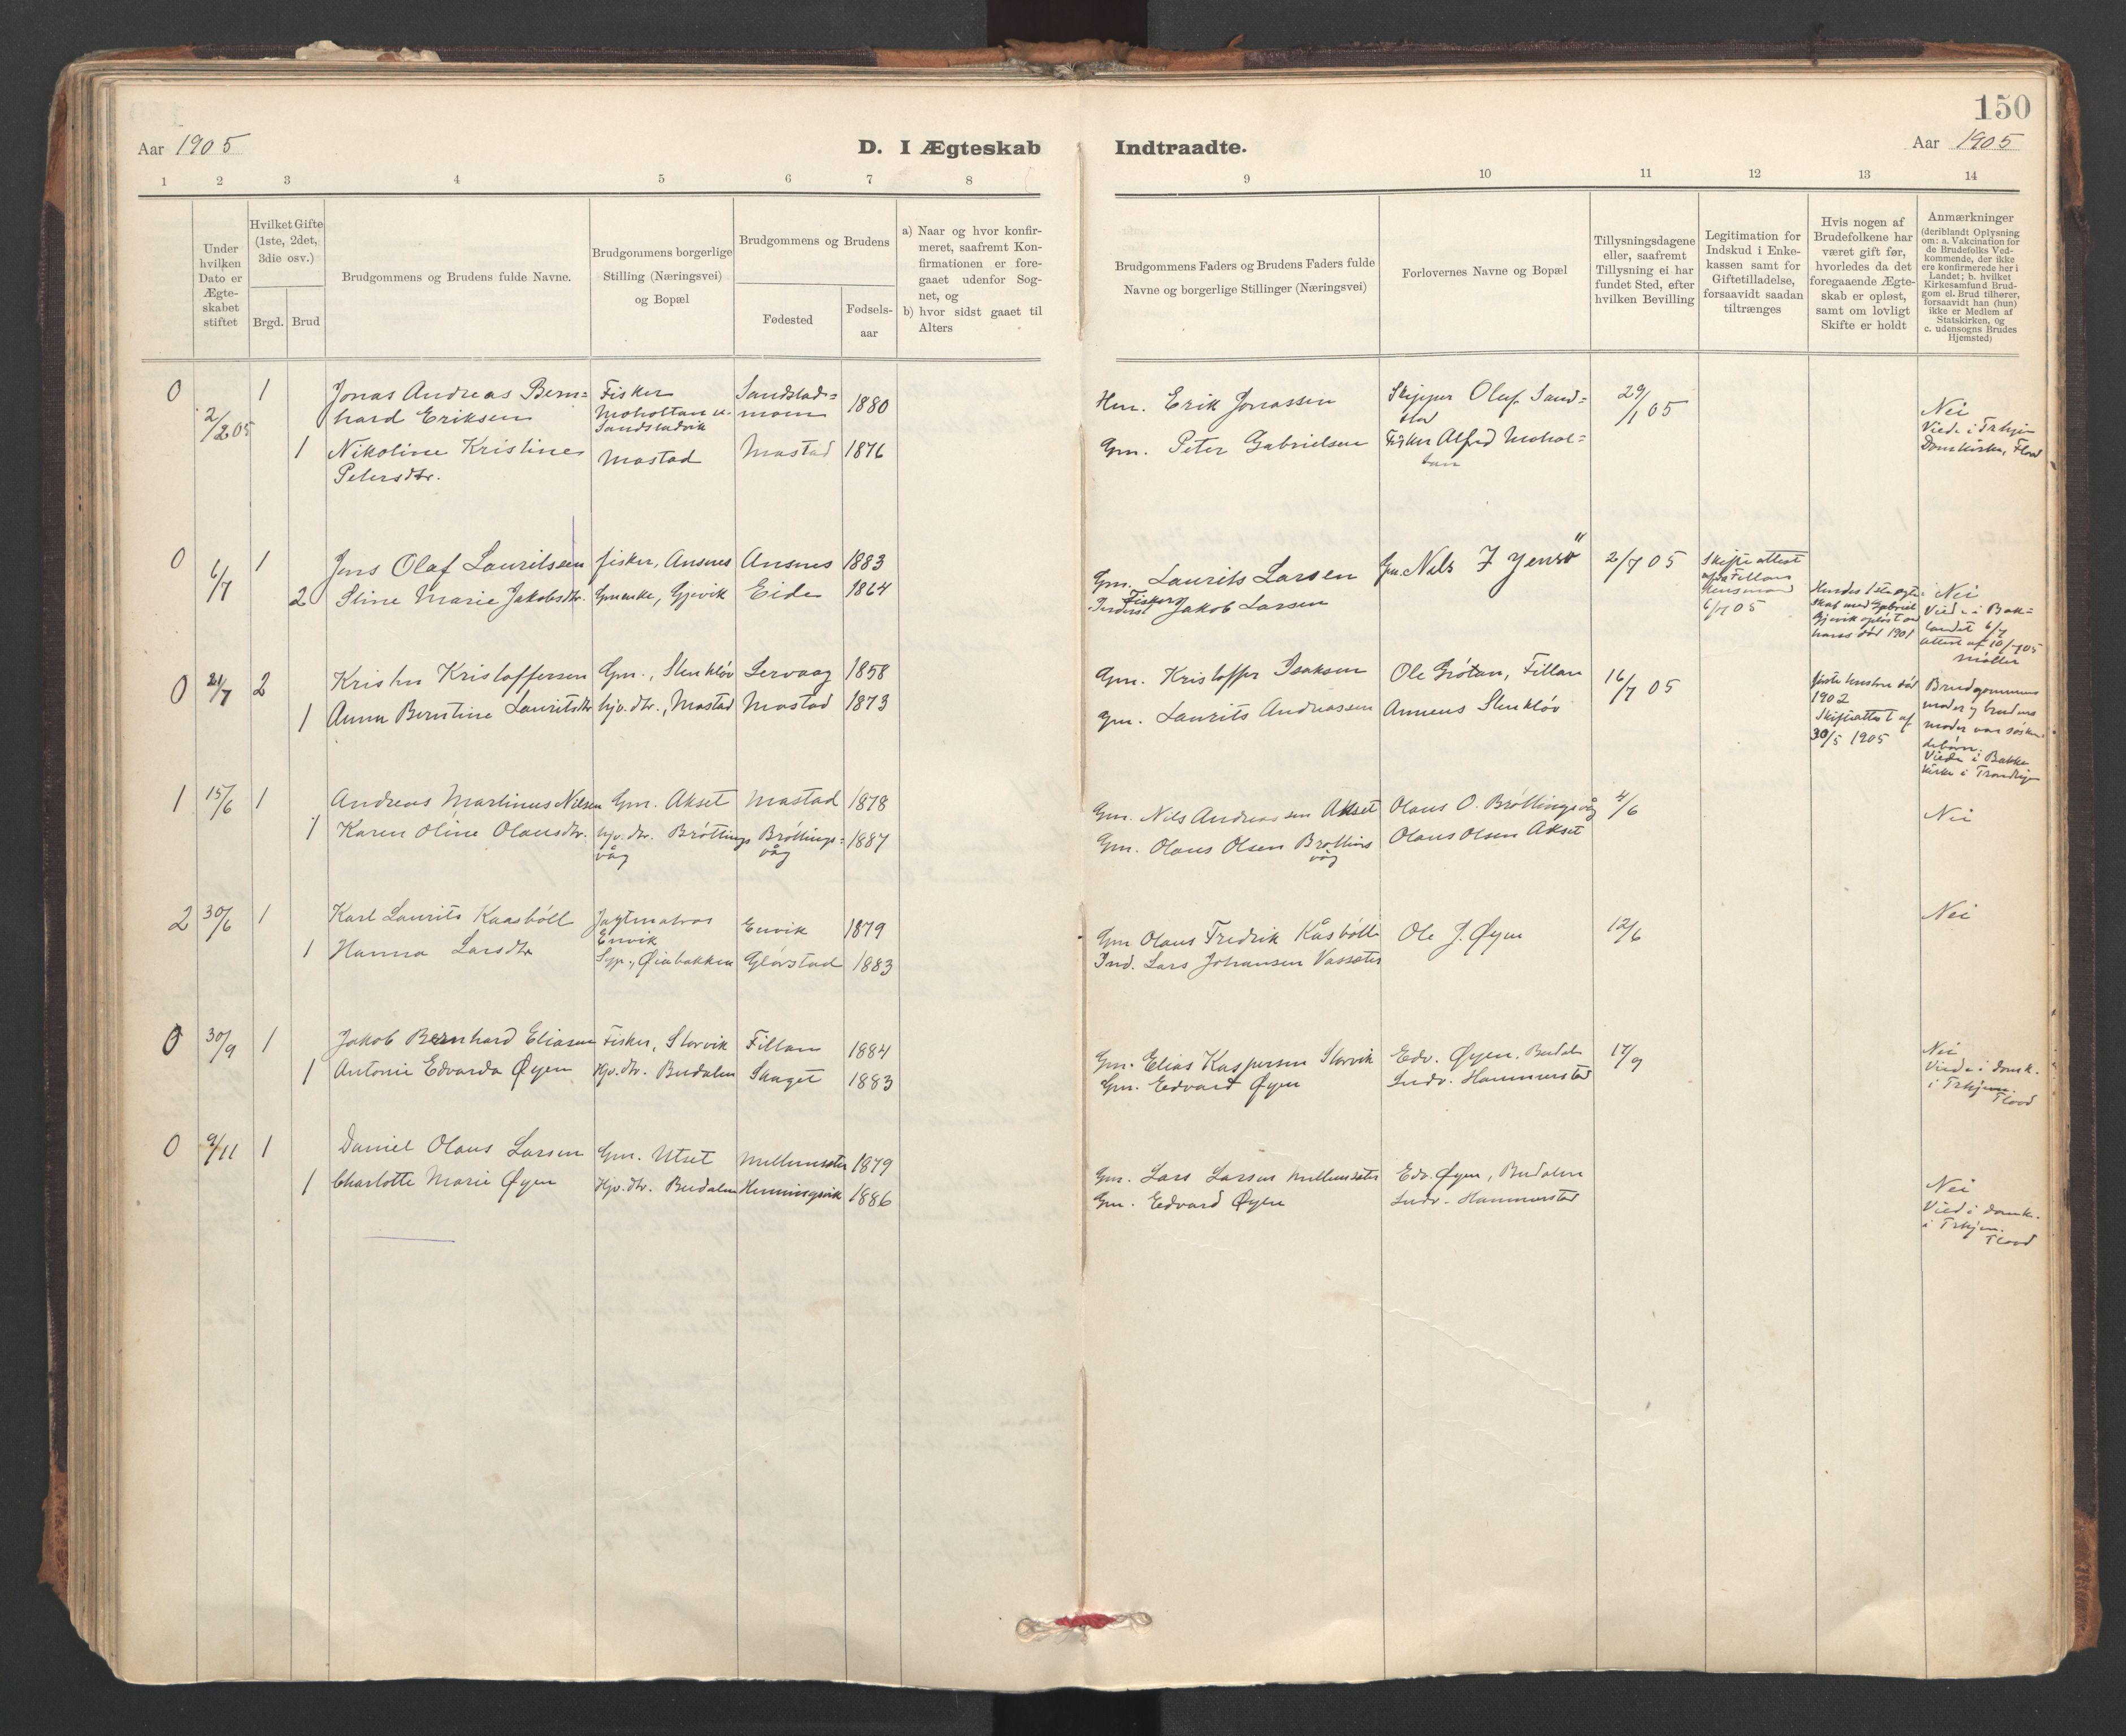 SAT, Ministerialprotokoller, klokkerbøker og fødselsregistre - Sør-Trøndelag, 637/L0559: Ministerialbok nr. 637A02, 1899-1923, s. 150